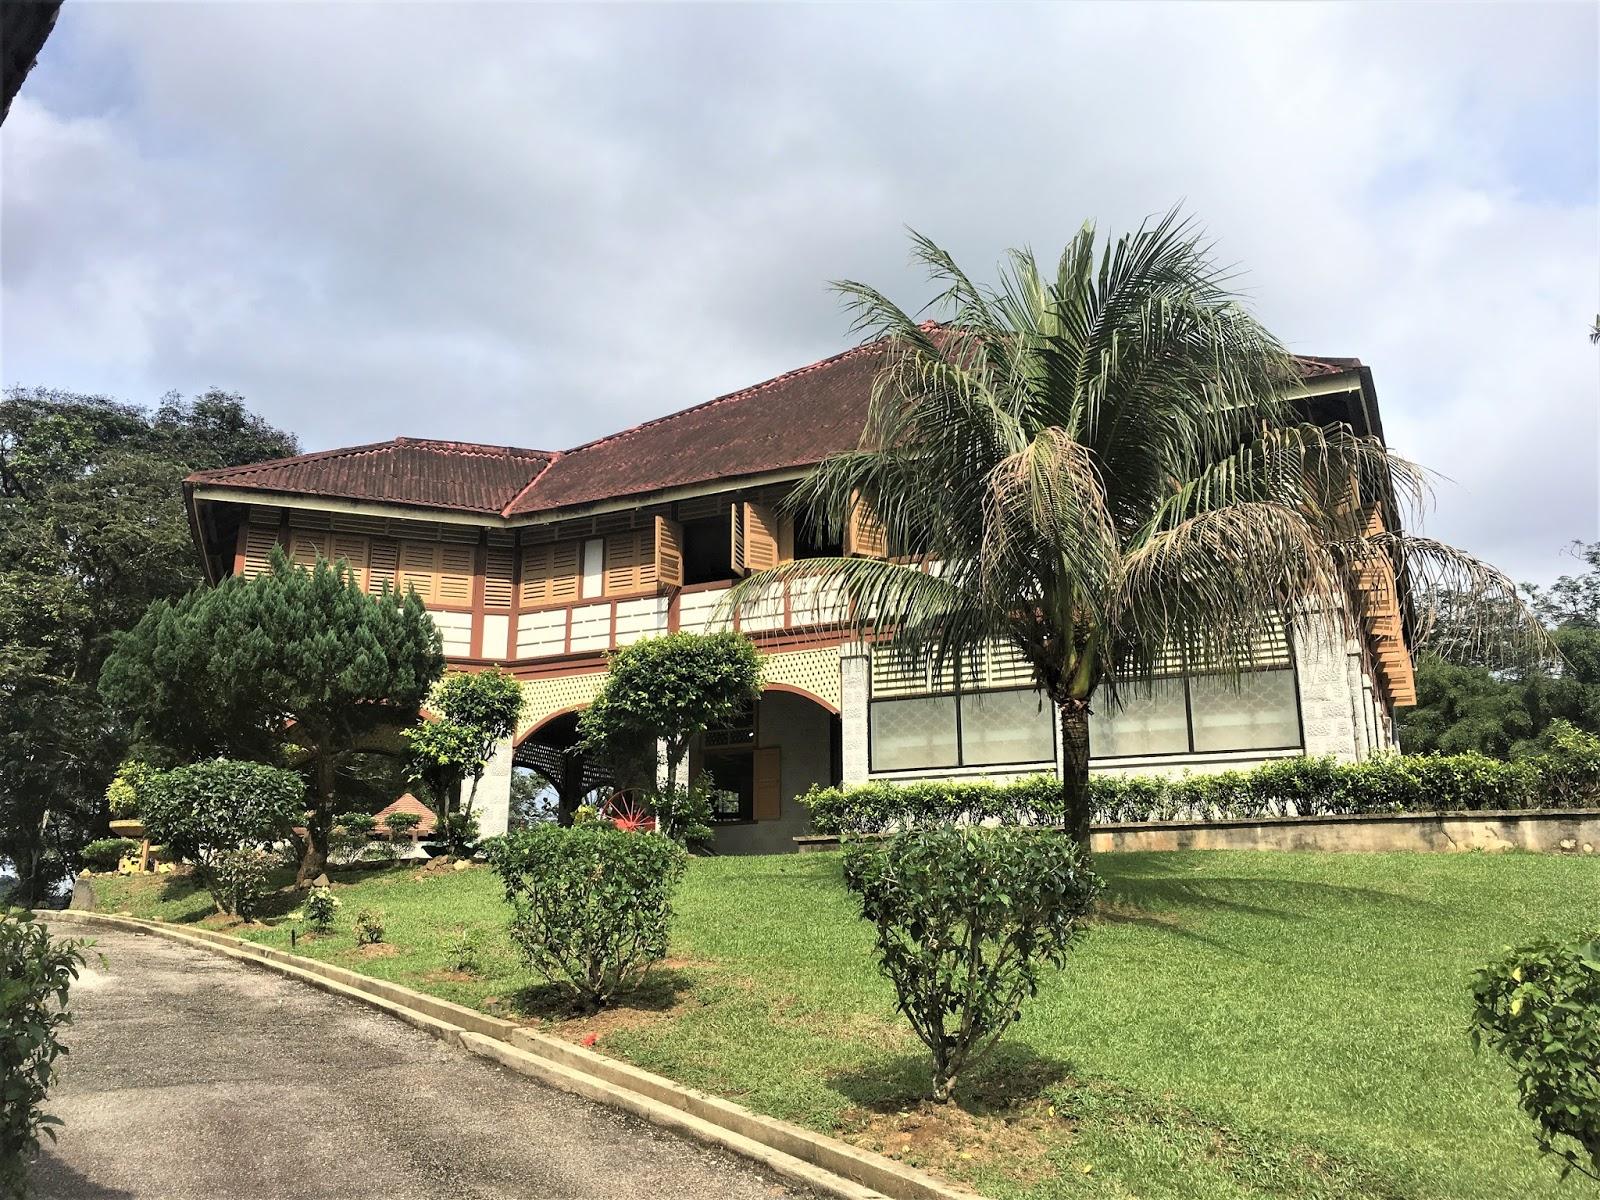 Menghayati Sejarah Zaman Kegemilangan Perlombongan Bijih Timah Di Muzium Sungai Lembing, Pahang